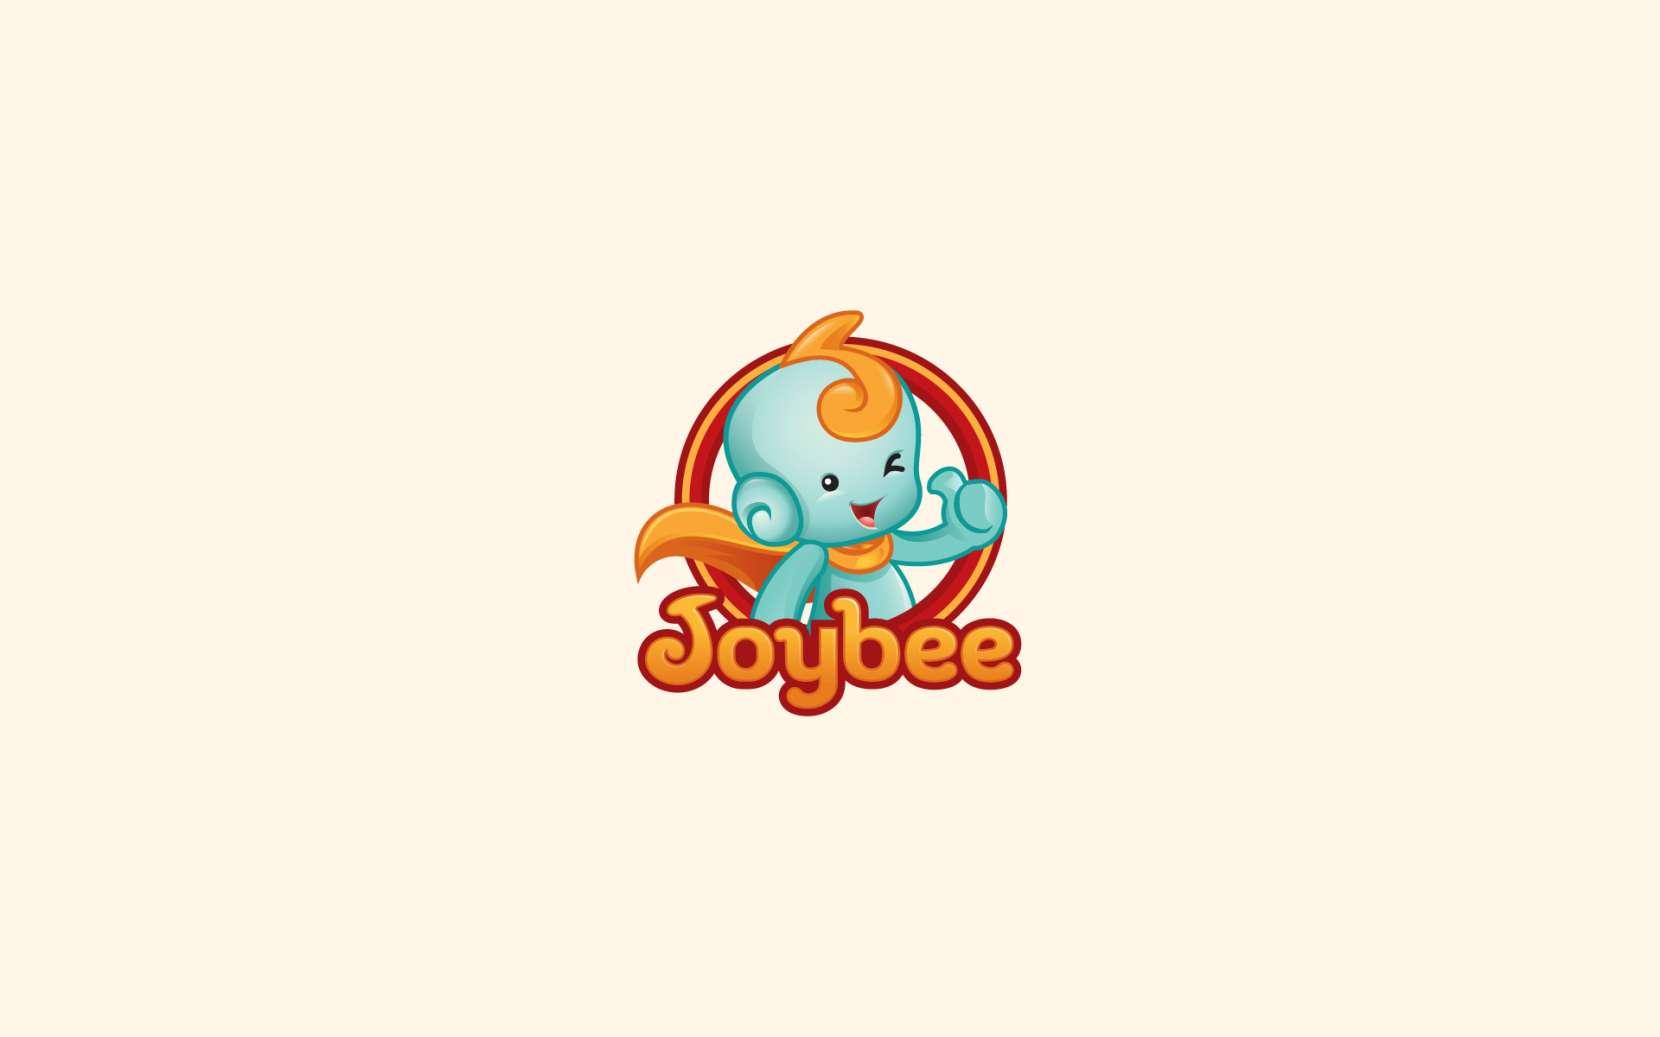 Joybee.jpg